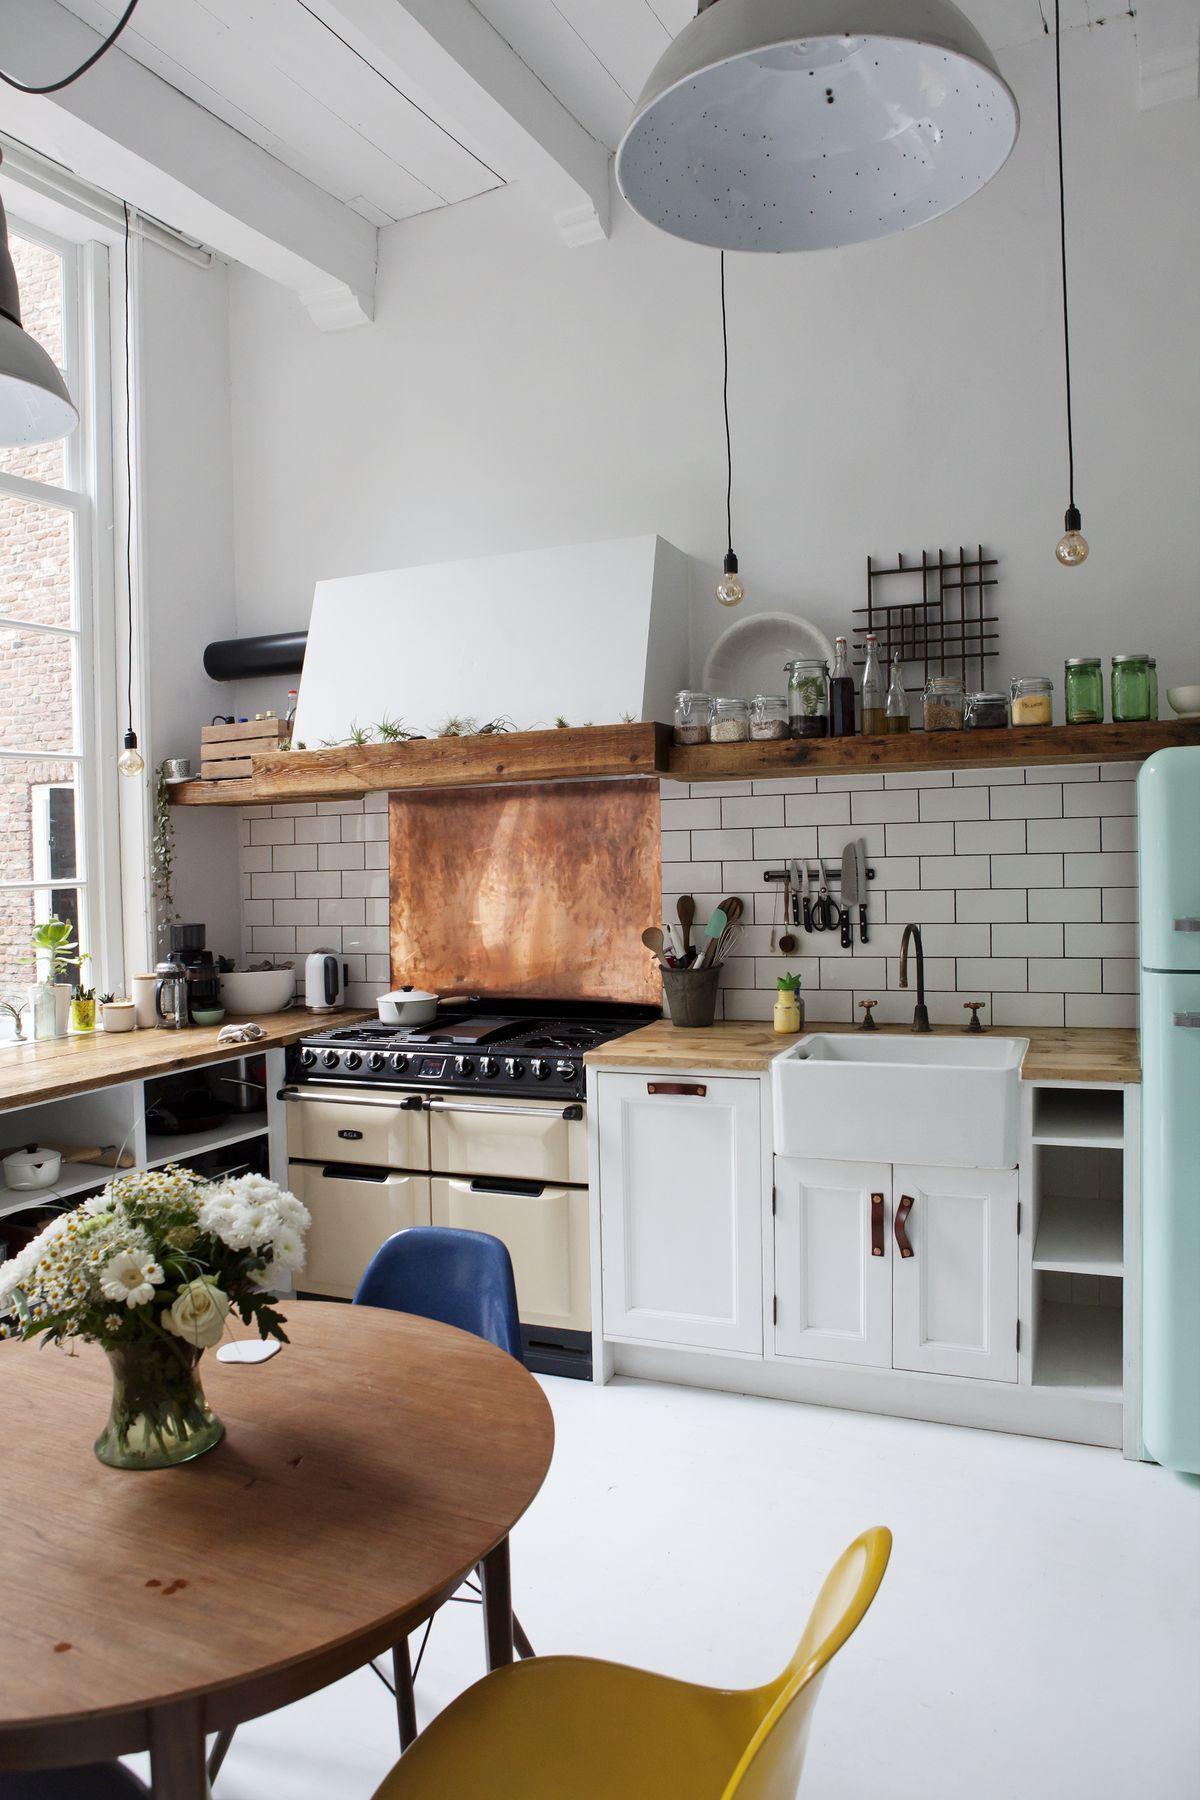 Cocina estilo rustico con detalles en cobre y madera | Boho Kitchen ...